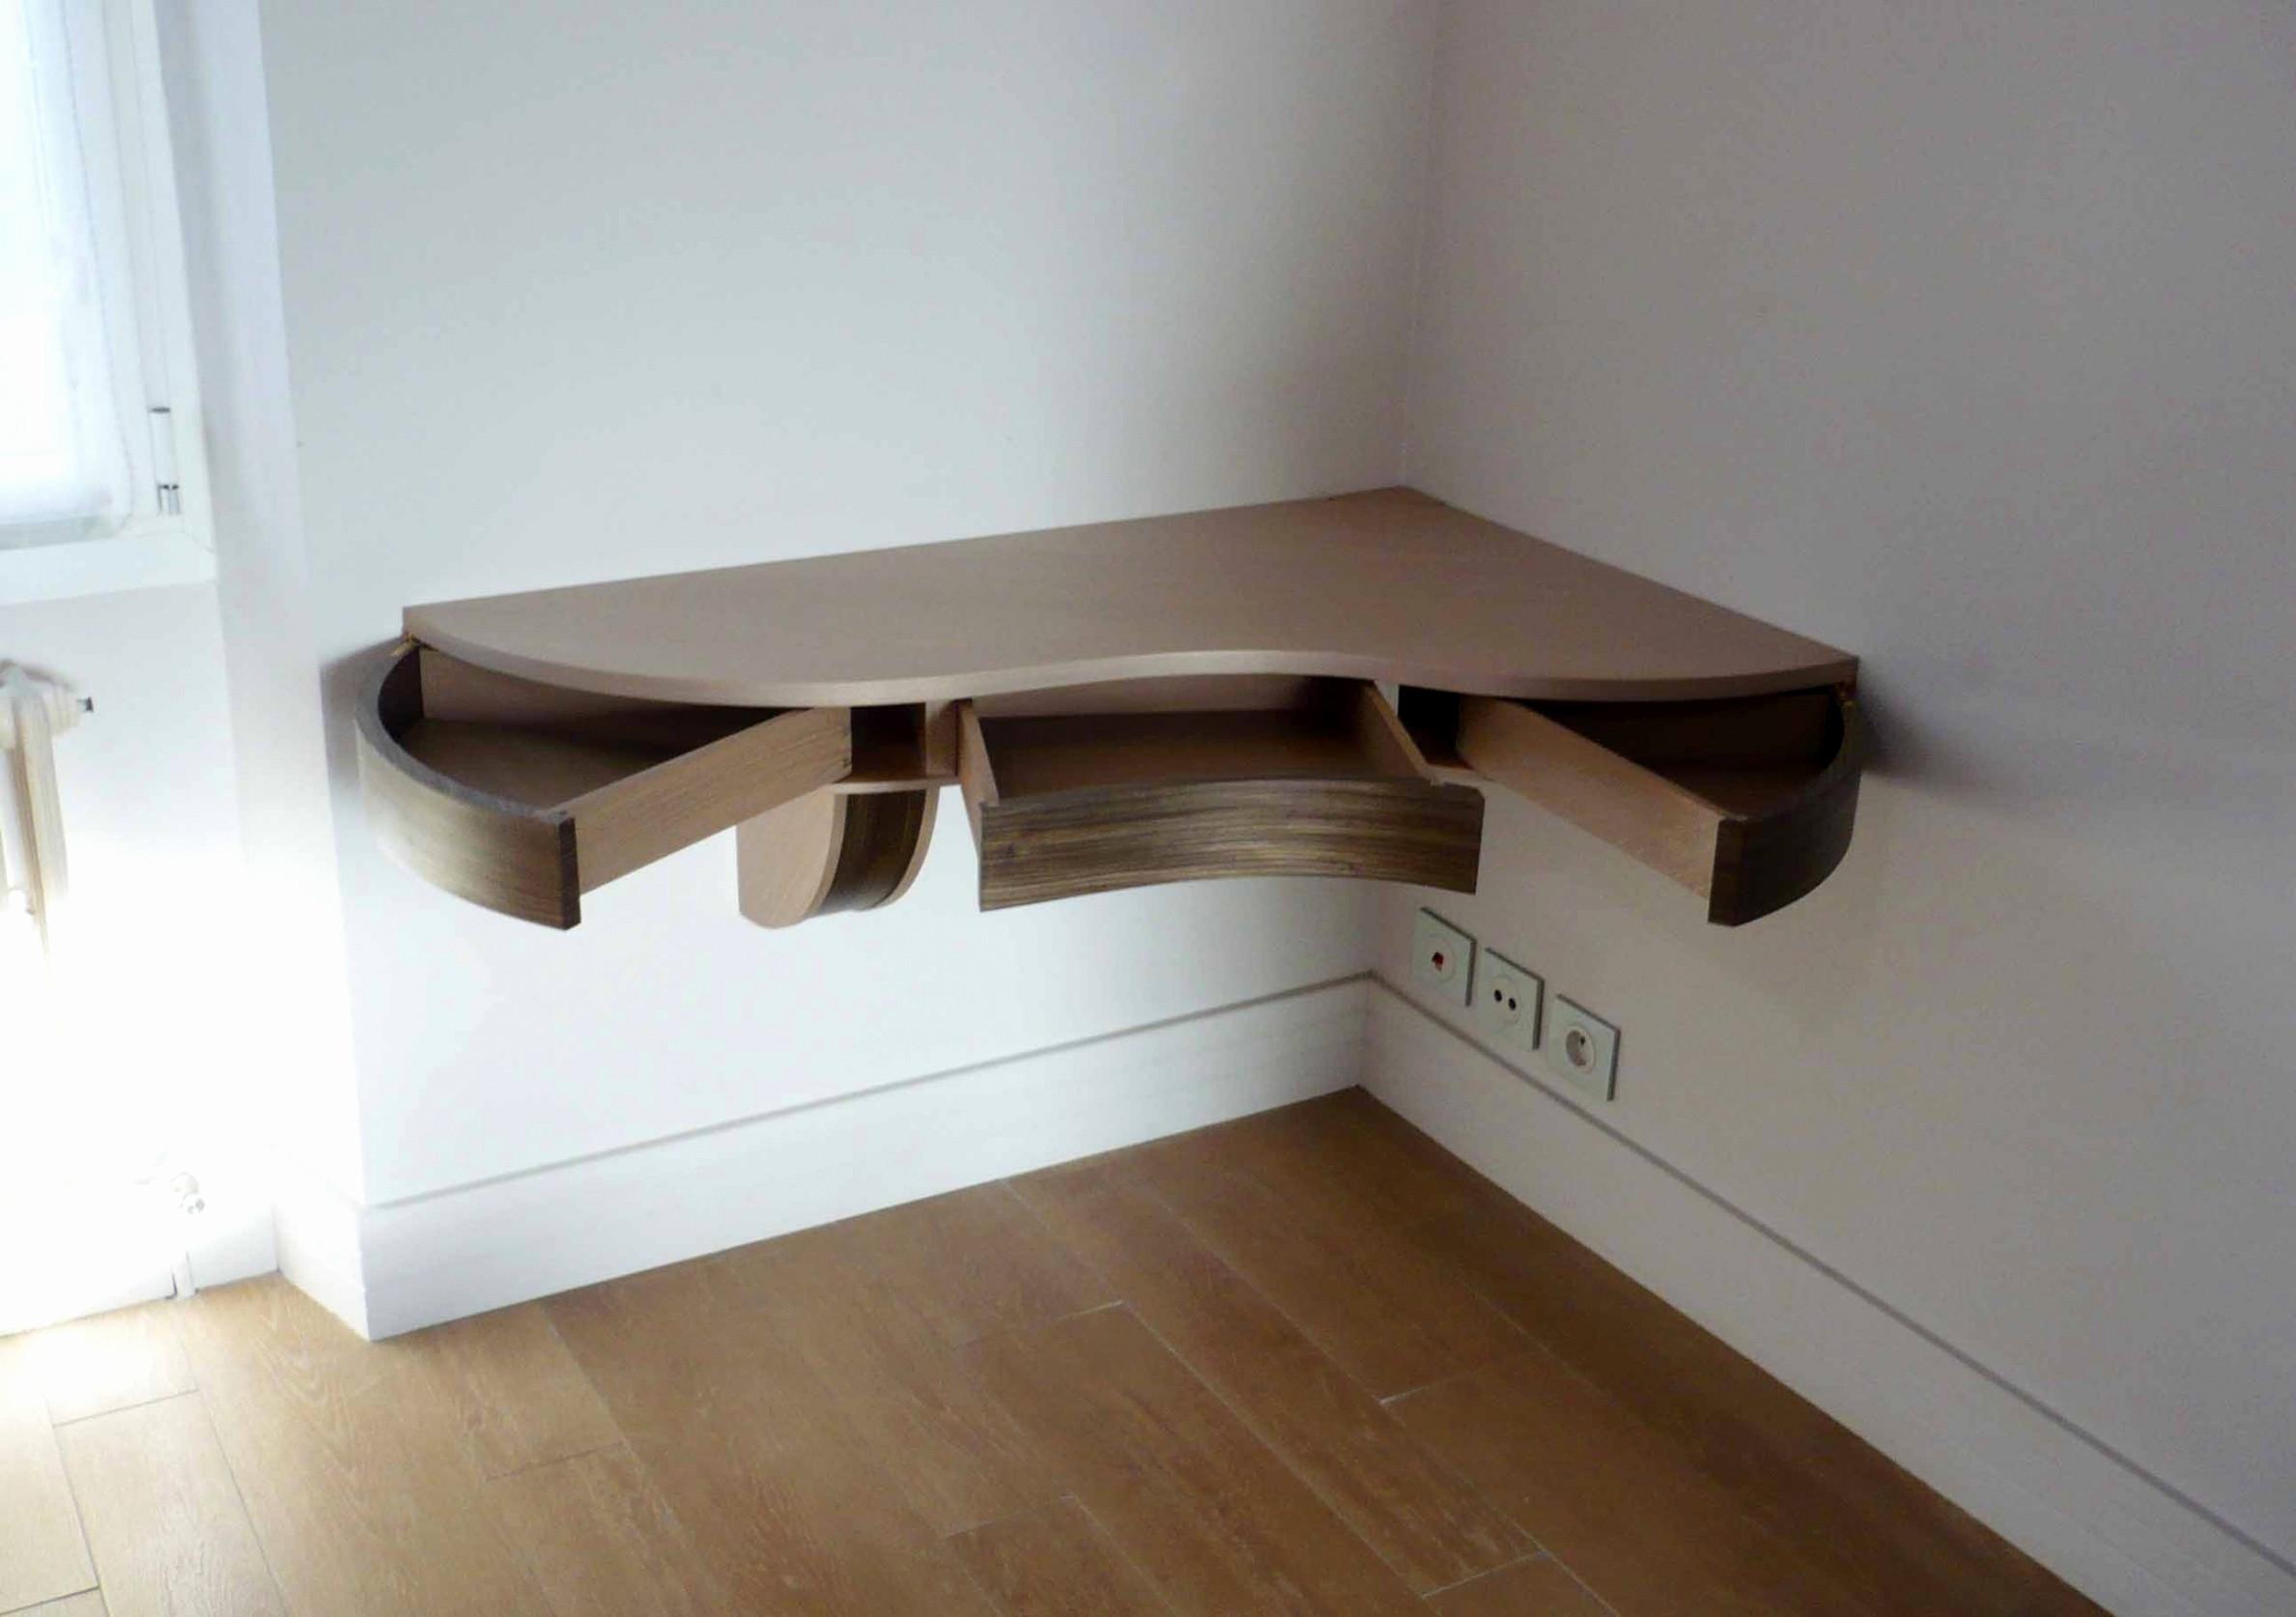 meuble salon suspendu meuble suspendu salon design luxe etagere suspendu 0d archives of meuble salon suspendu